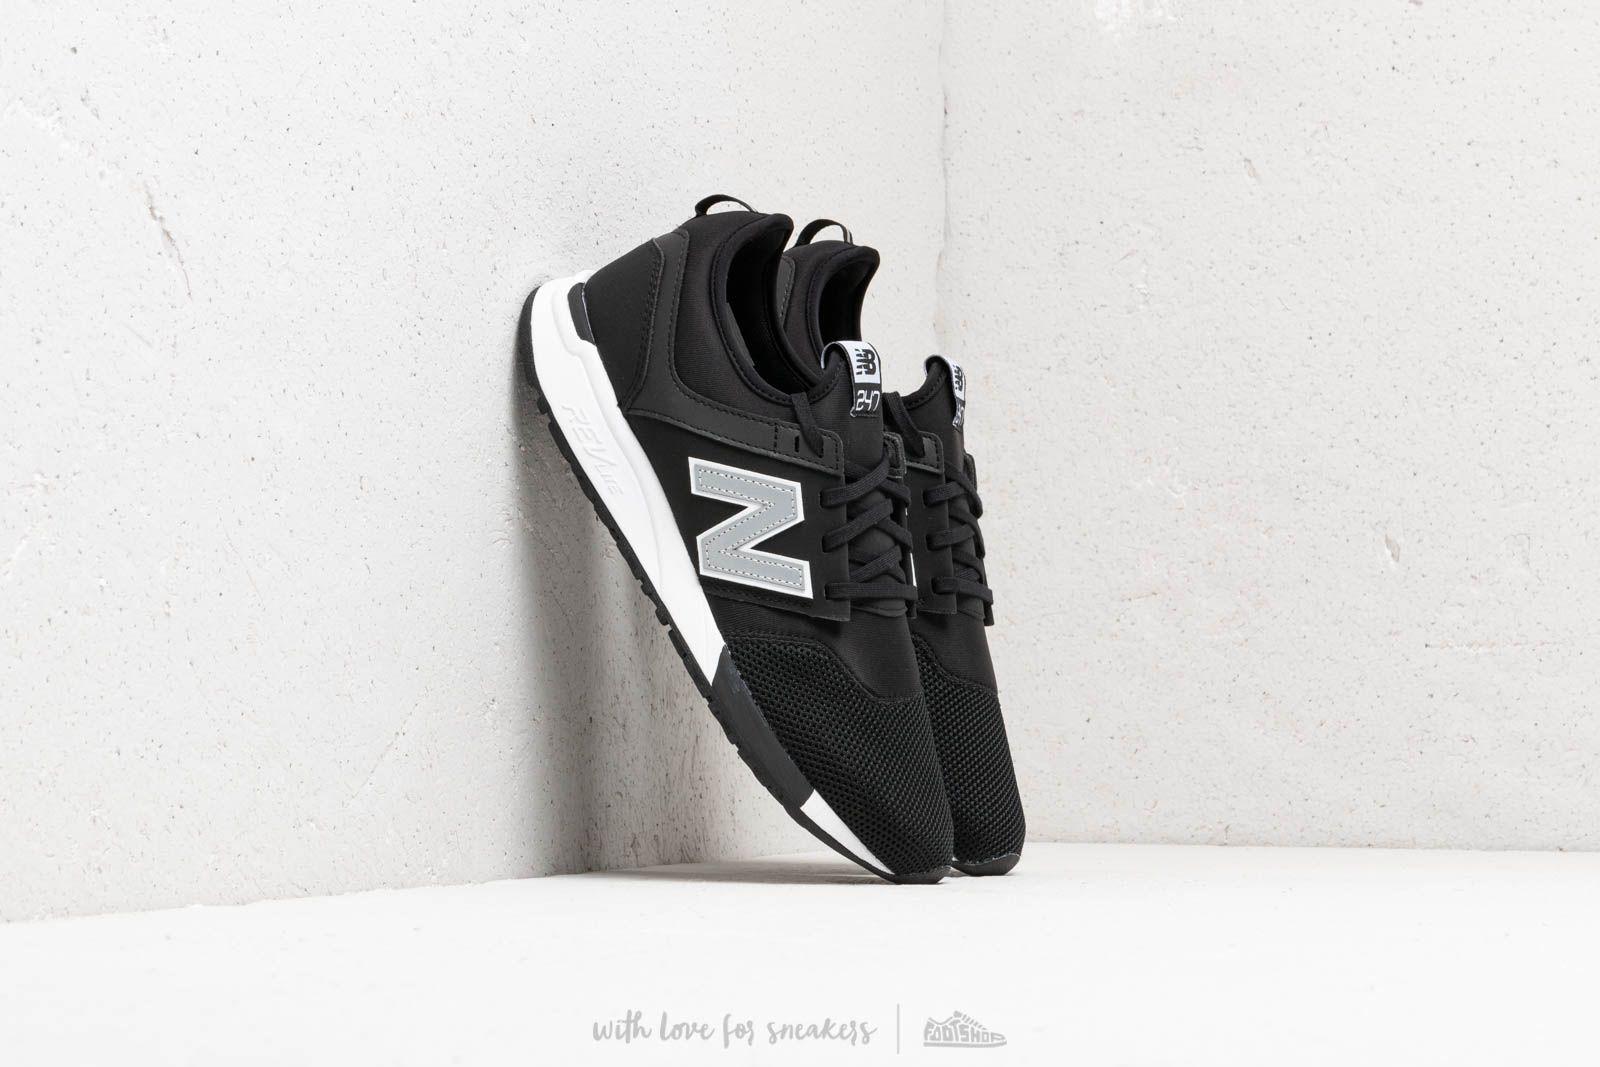 51a9c975345db New Balance 247 Black/ White za skvelú cenu 78 € kúpite na Footshop.sk